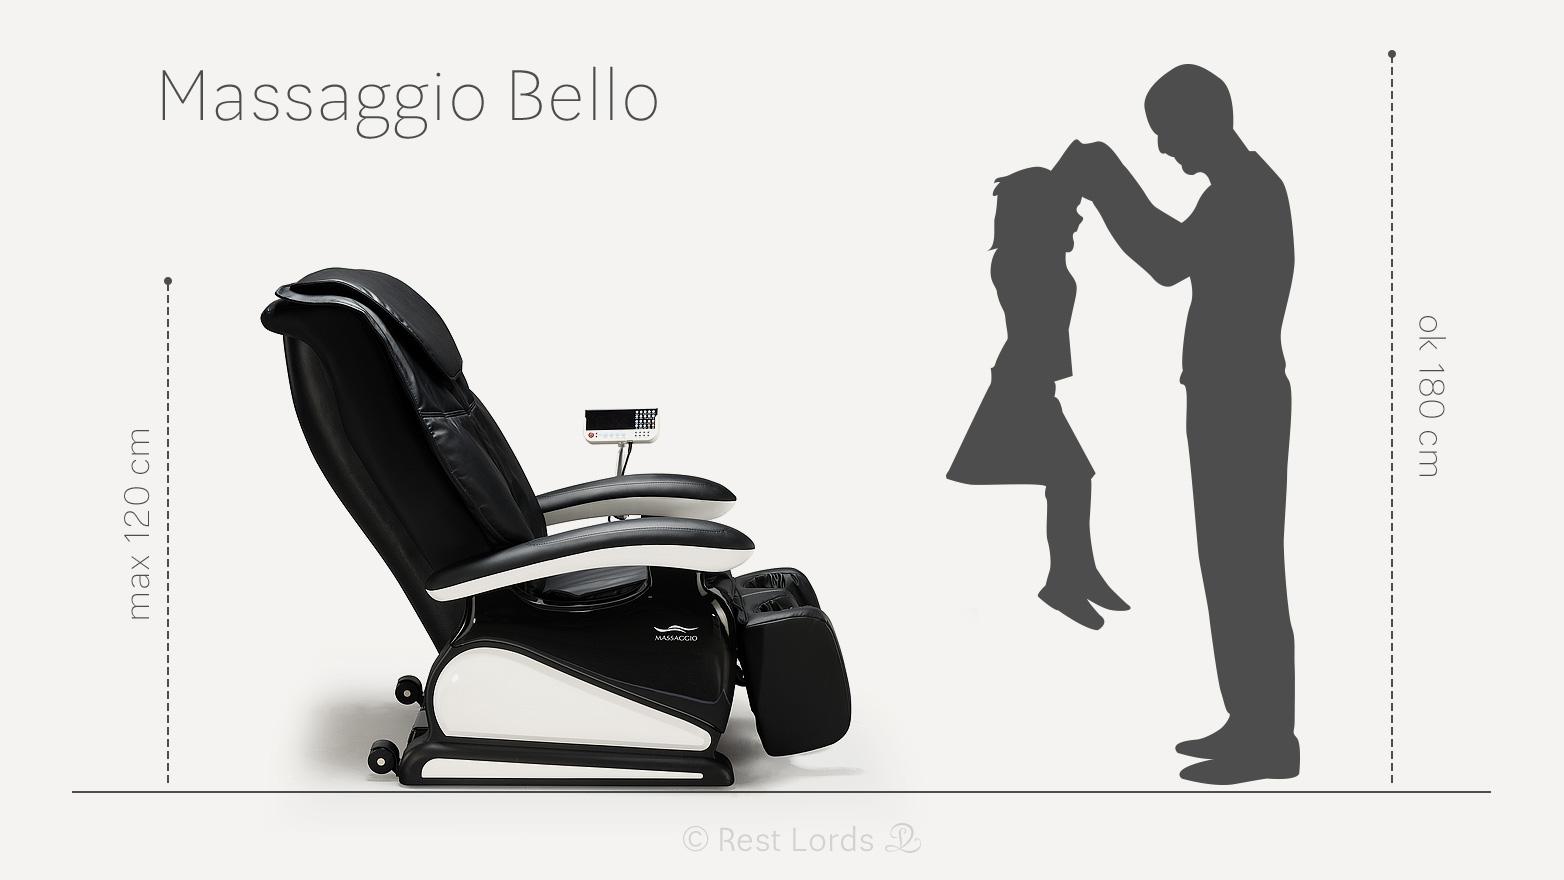 Fotel masujący Massaggio Bello w liczbach